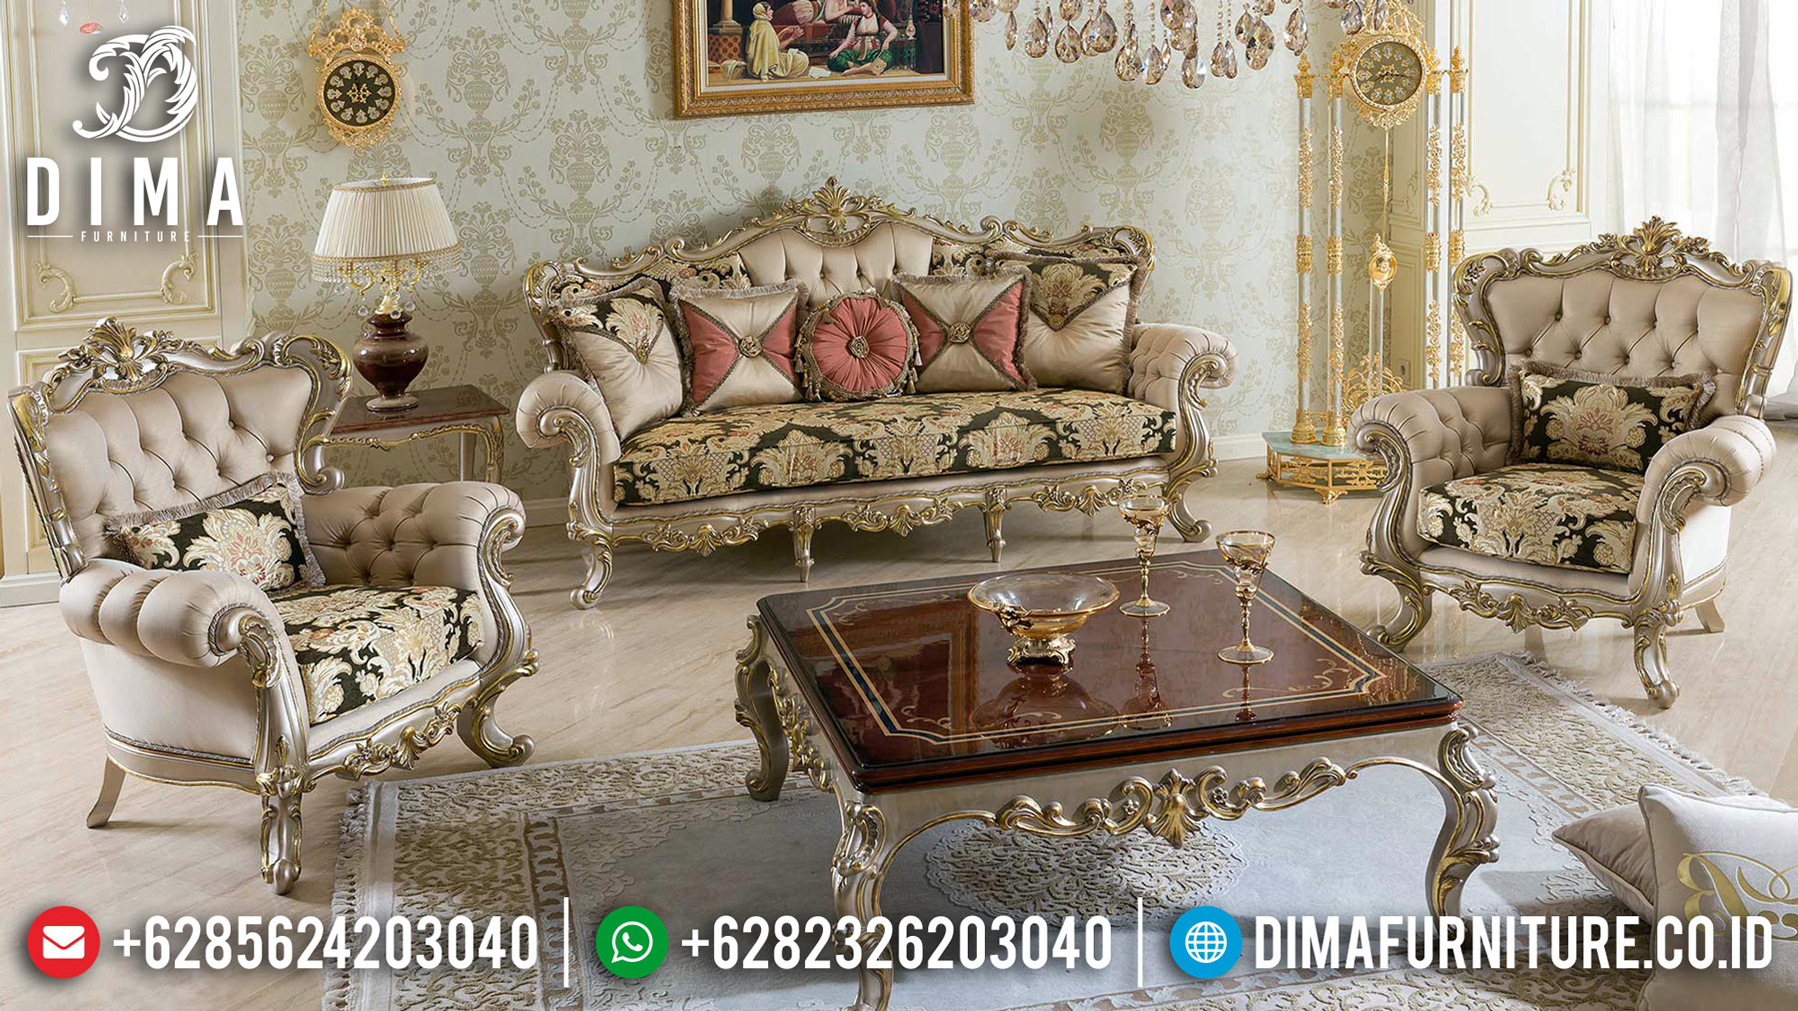 Design Living Room Classic Sofa Tamu Mewah Ukiran Jepara Terbaru BT-0517